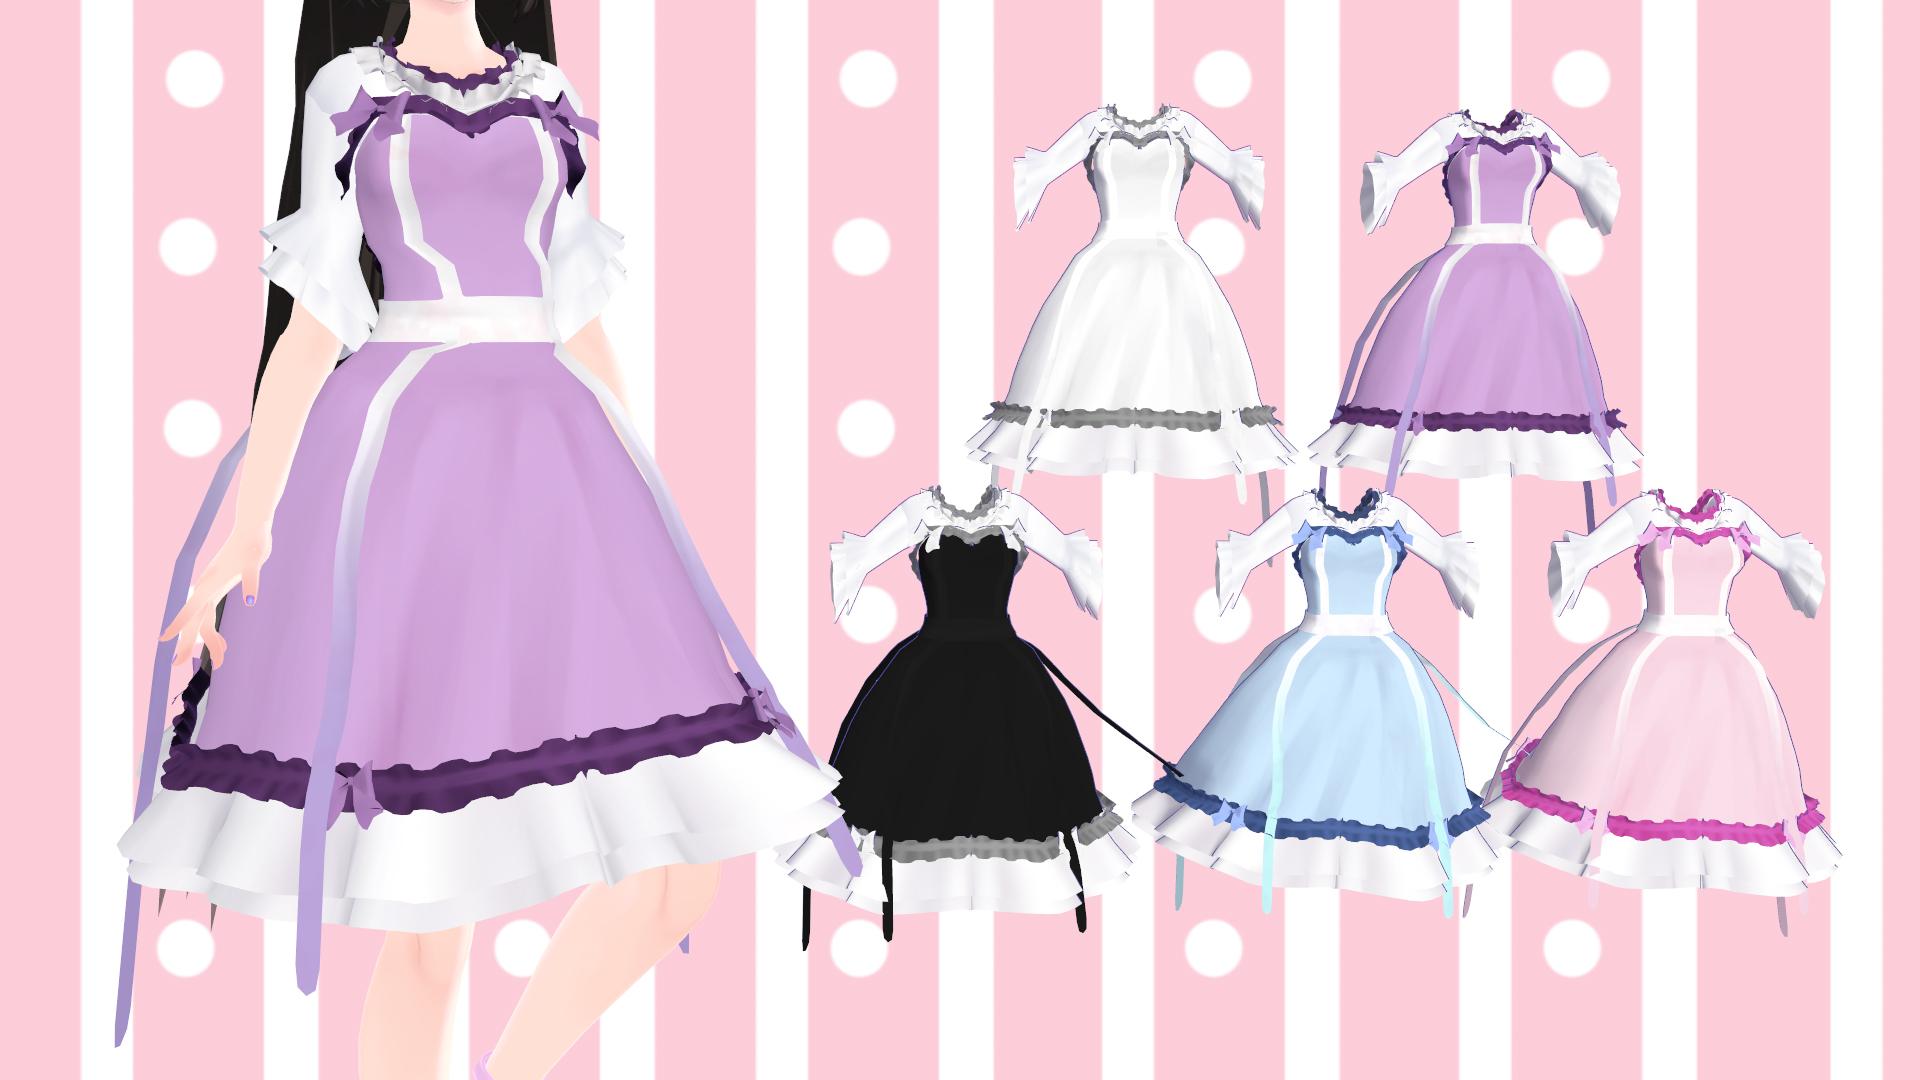 MMD] Cute Pastel Dress [DL] by TMoonlightA on DeviantArt